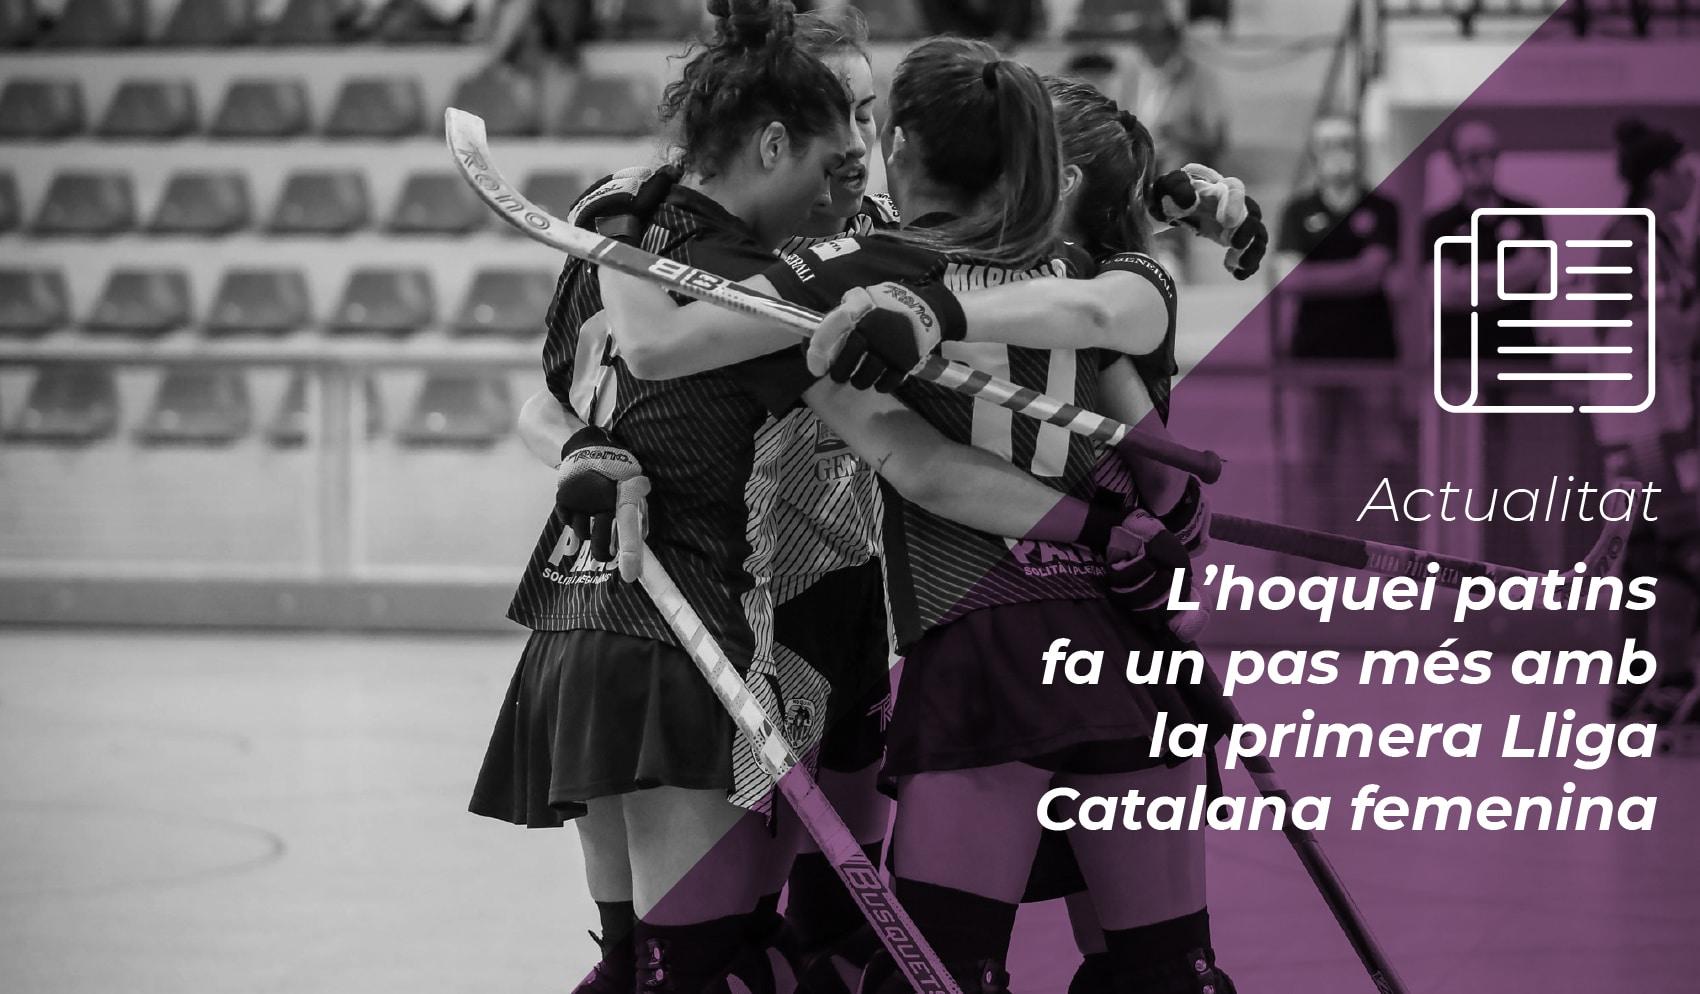 L'hoquei patins fa un pas més amb la primera Lliga Catalana femenina 6